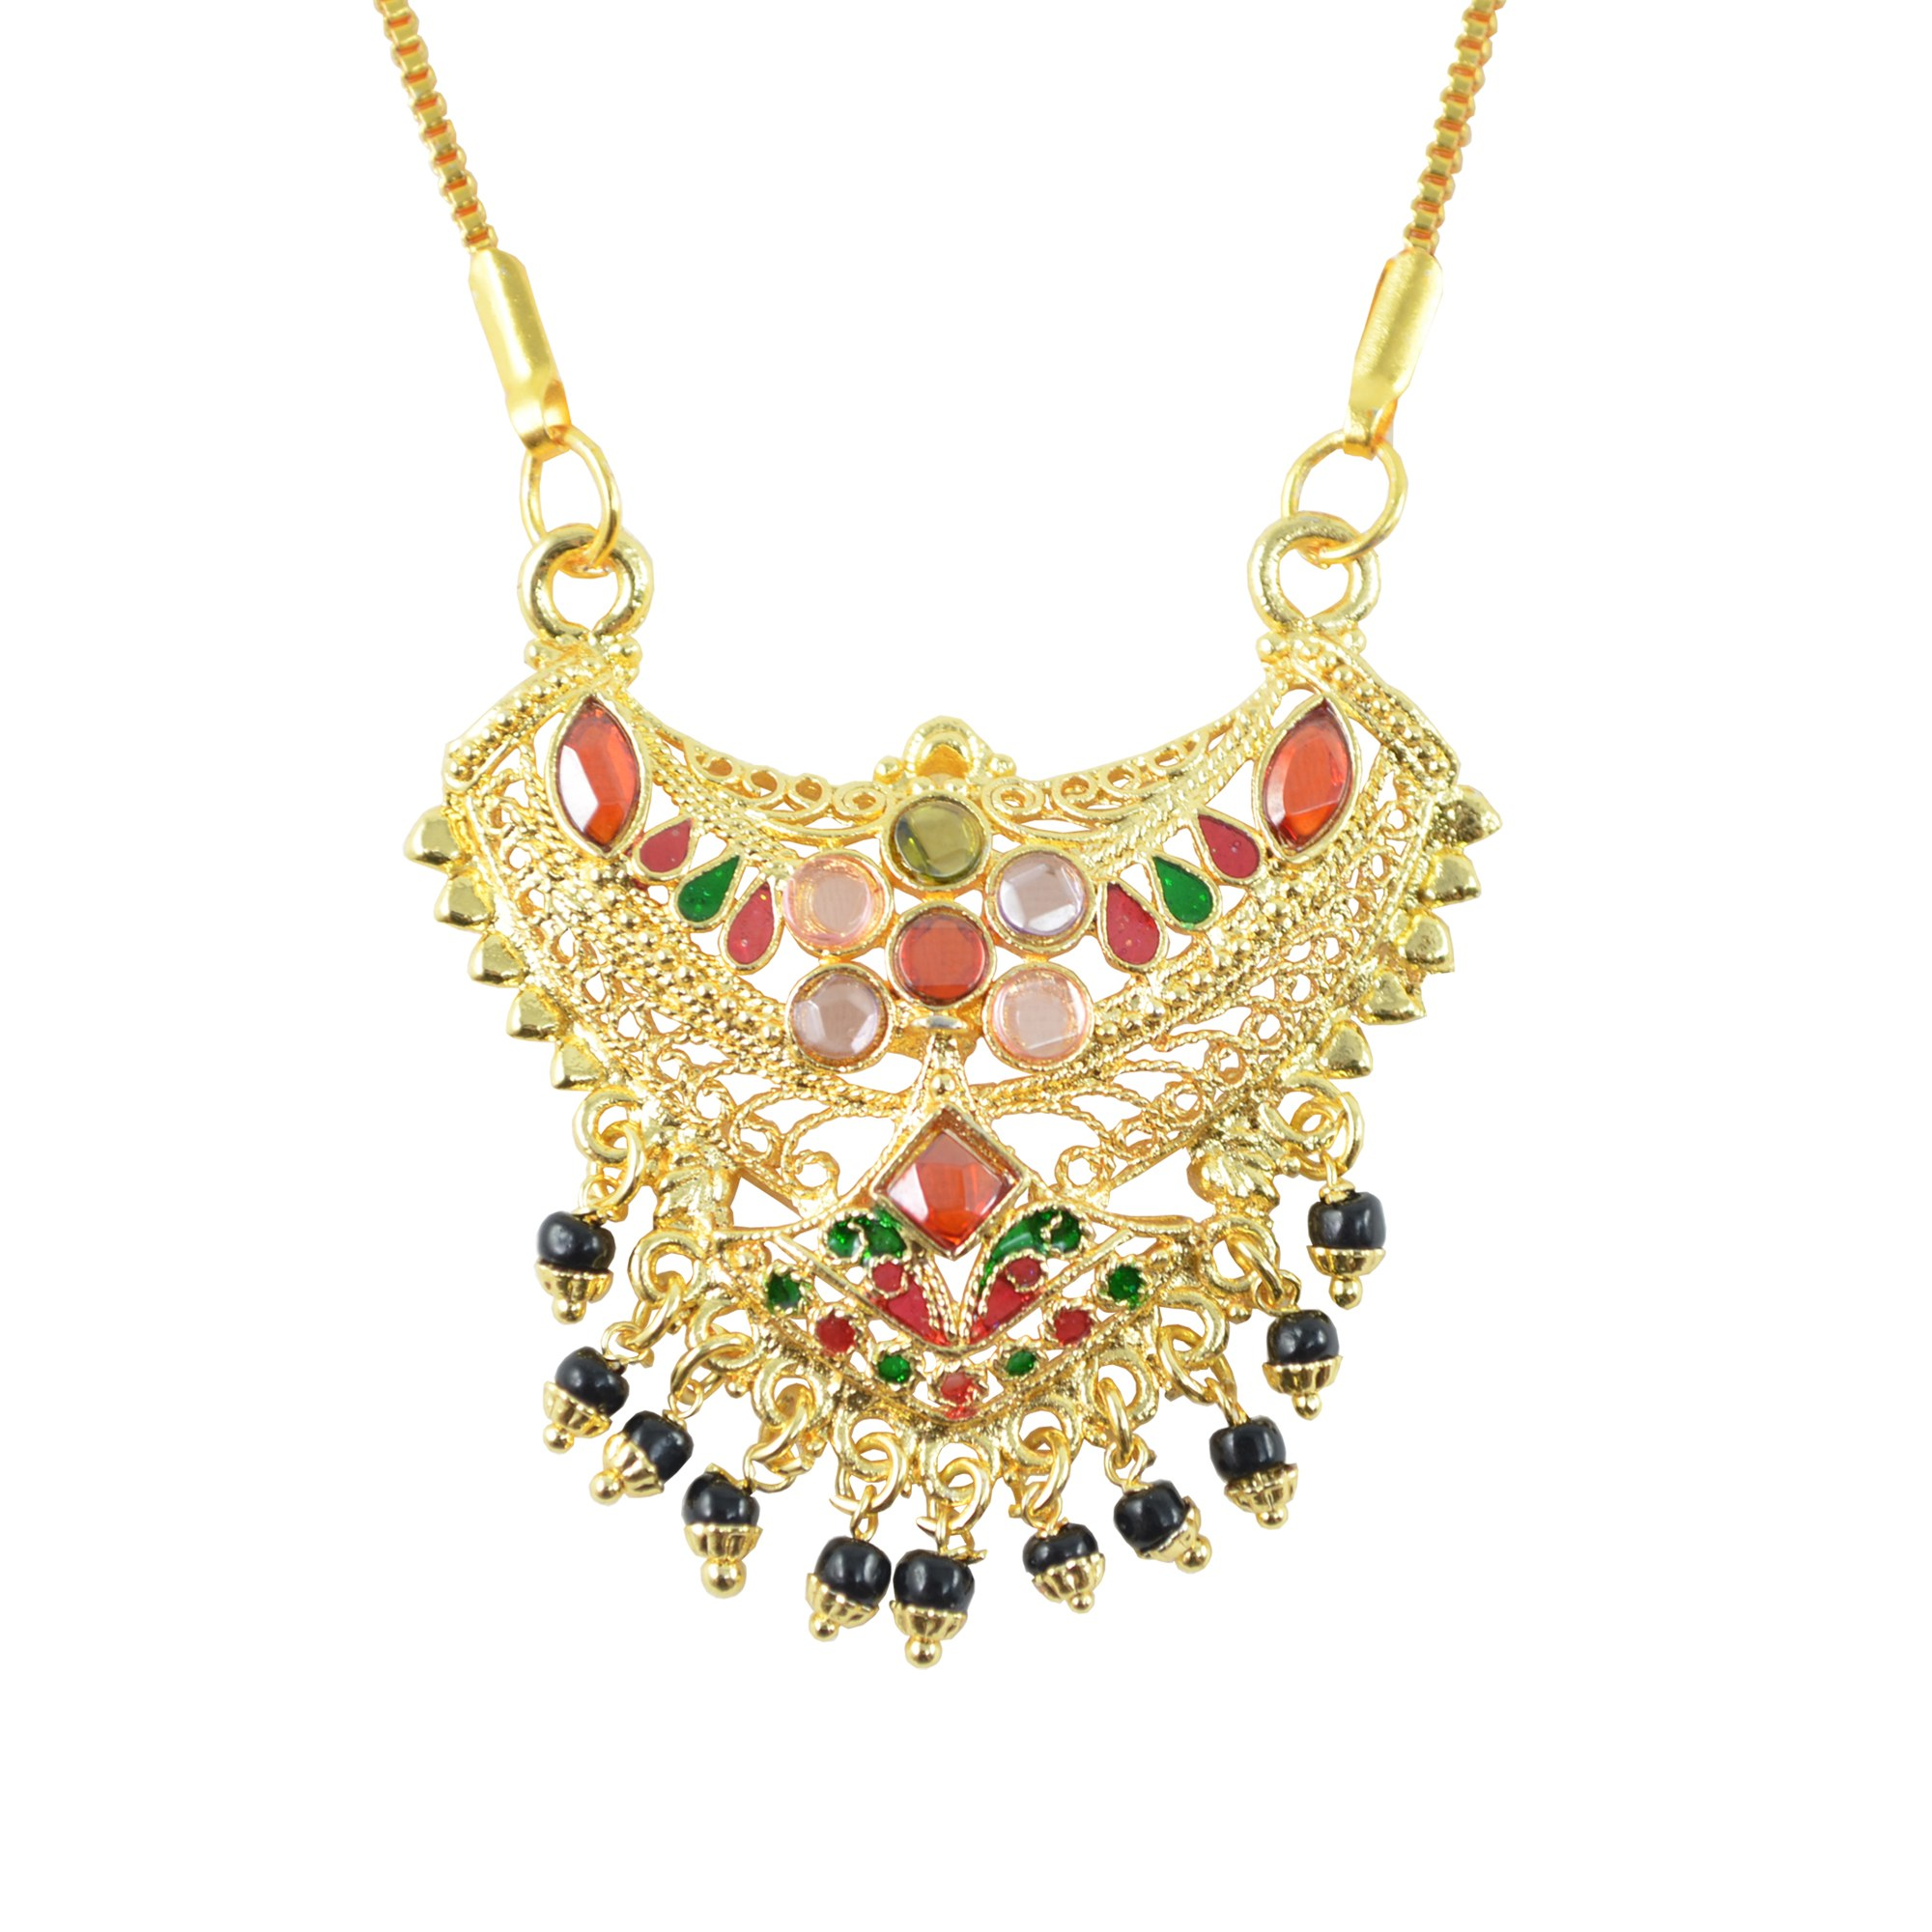 Meenakari jewellery online shopping